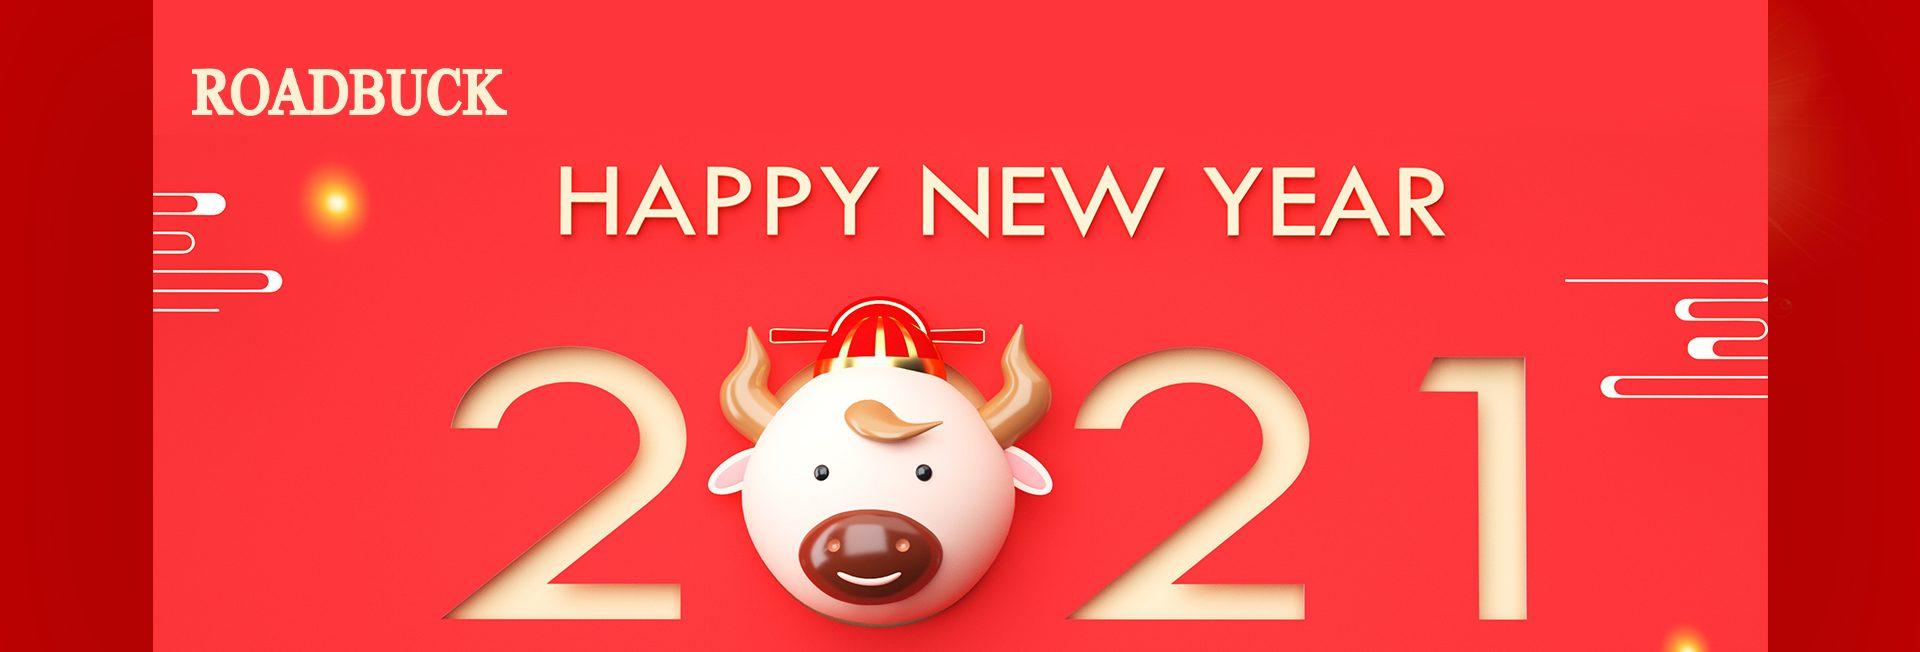 RoadBuck new year